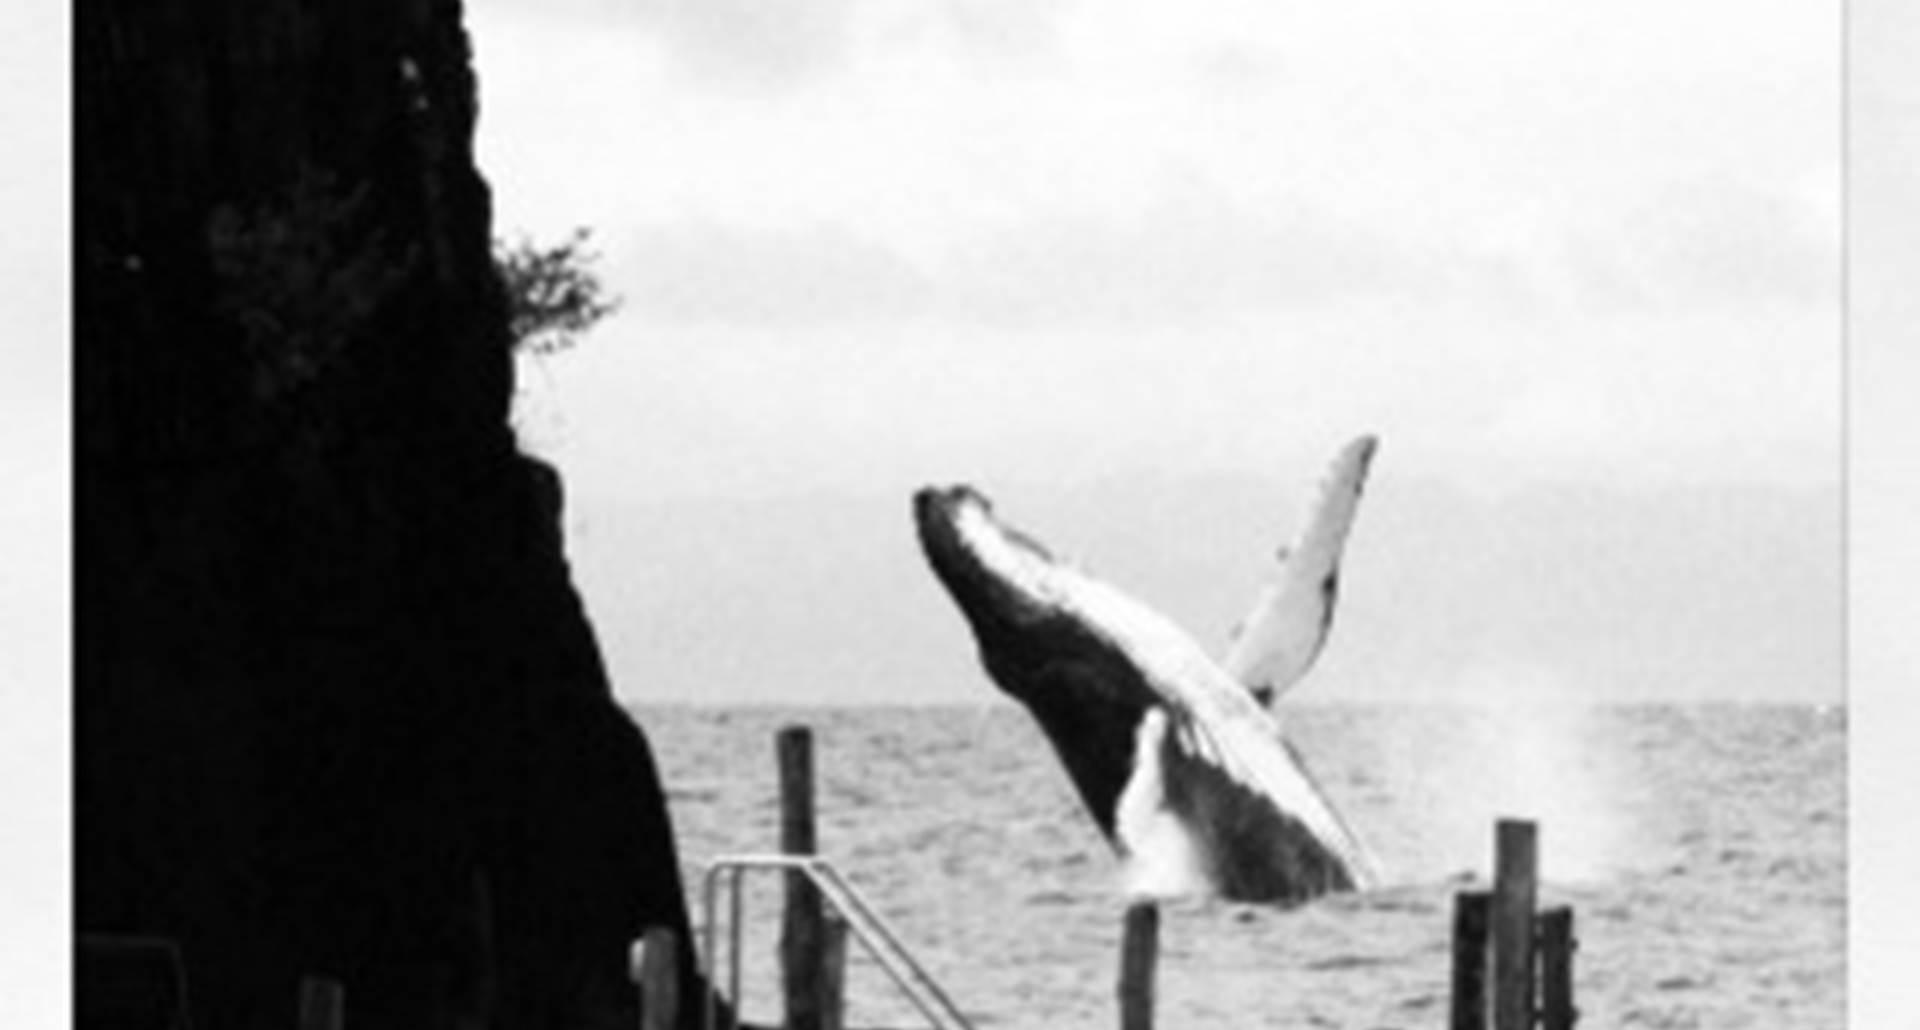 saut de baleine derrière le rocher !!! de juillet à septembre